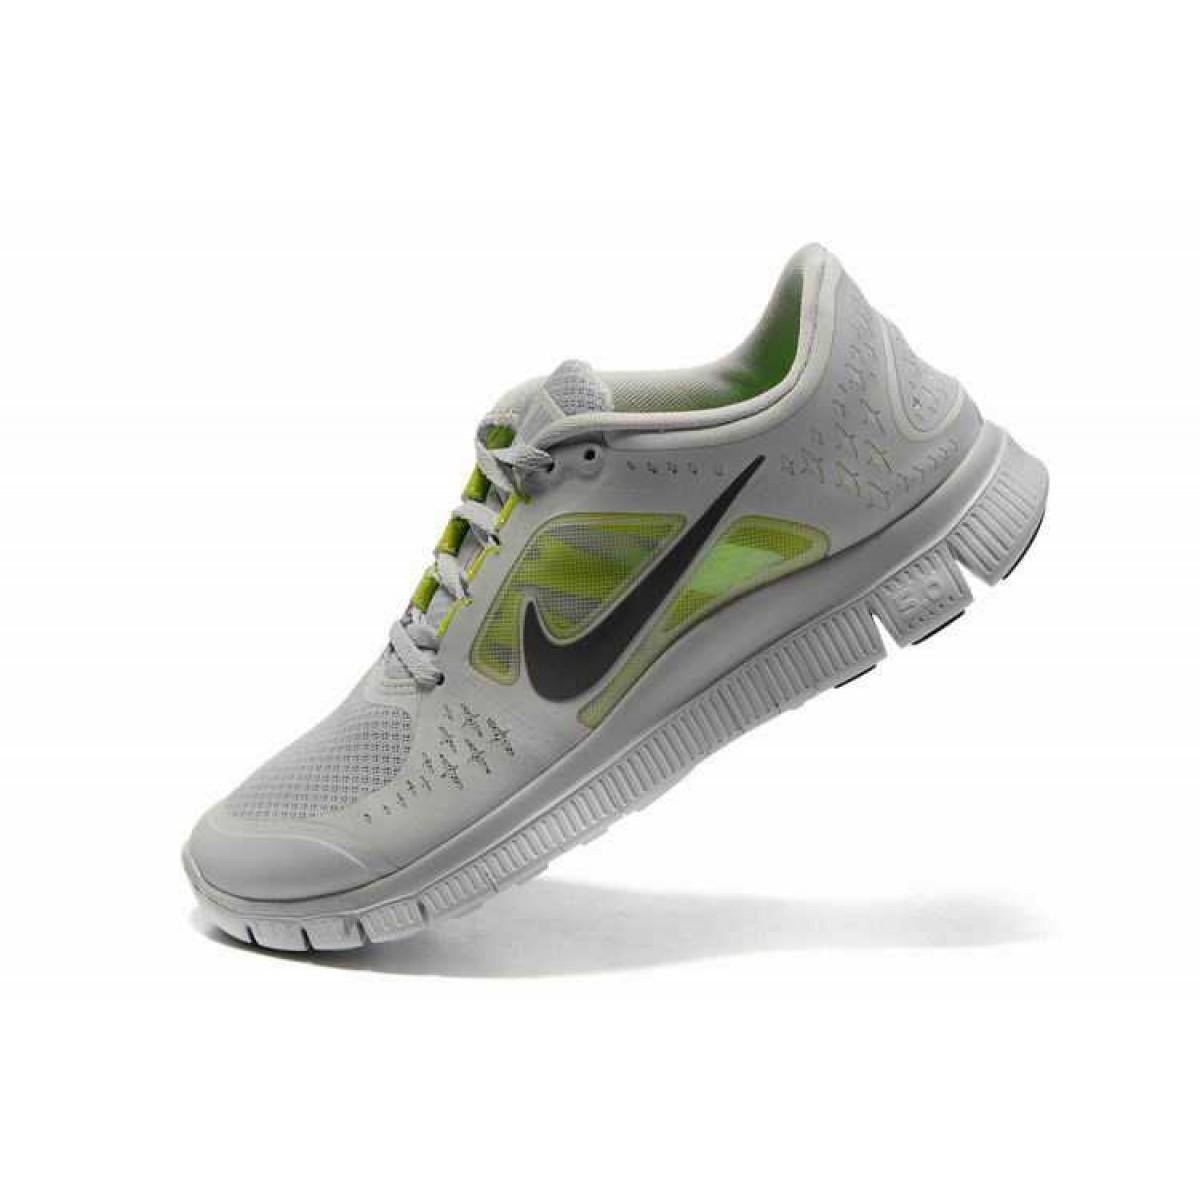 pretty nice eab62 acb08 Nike Free 5.0 V4 Homme Chaussures Blanc Vert,nike free free run,grande  marque